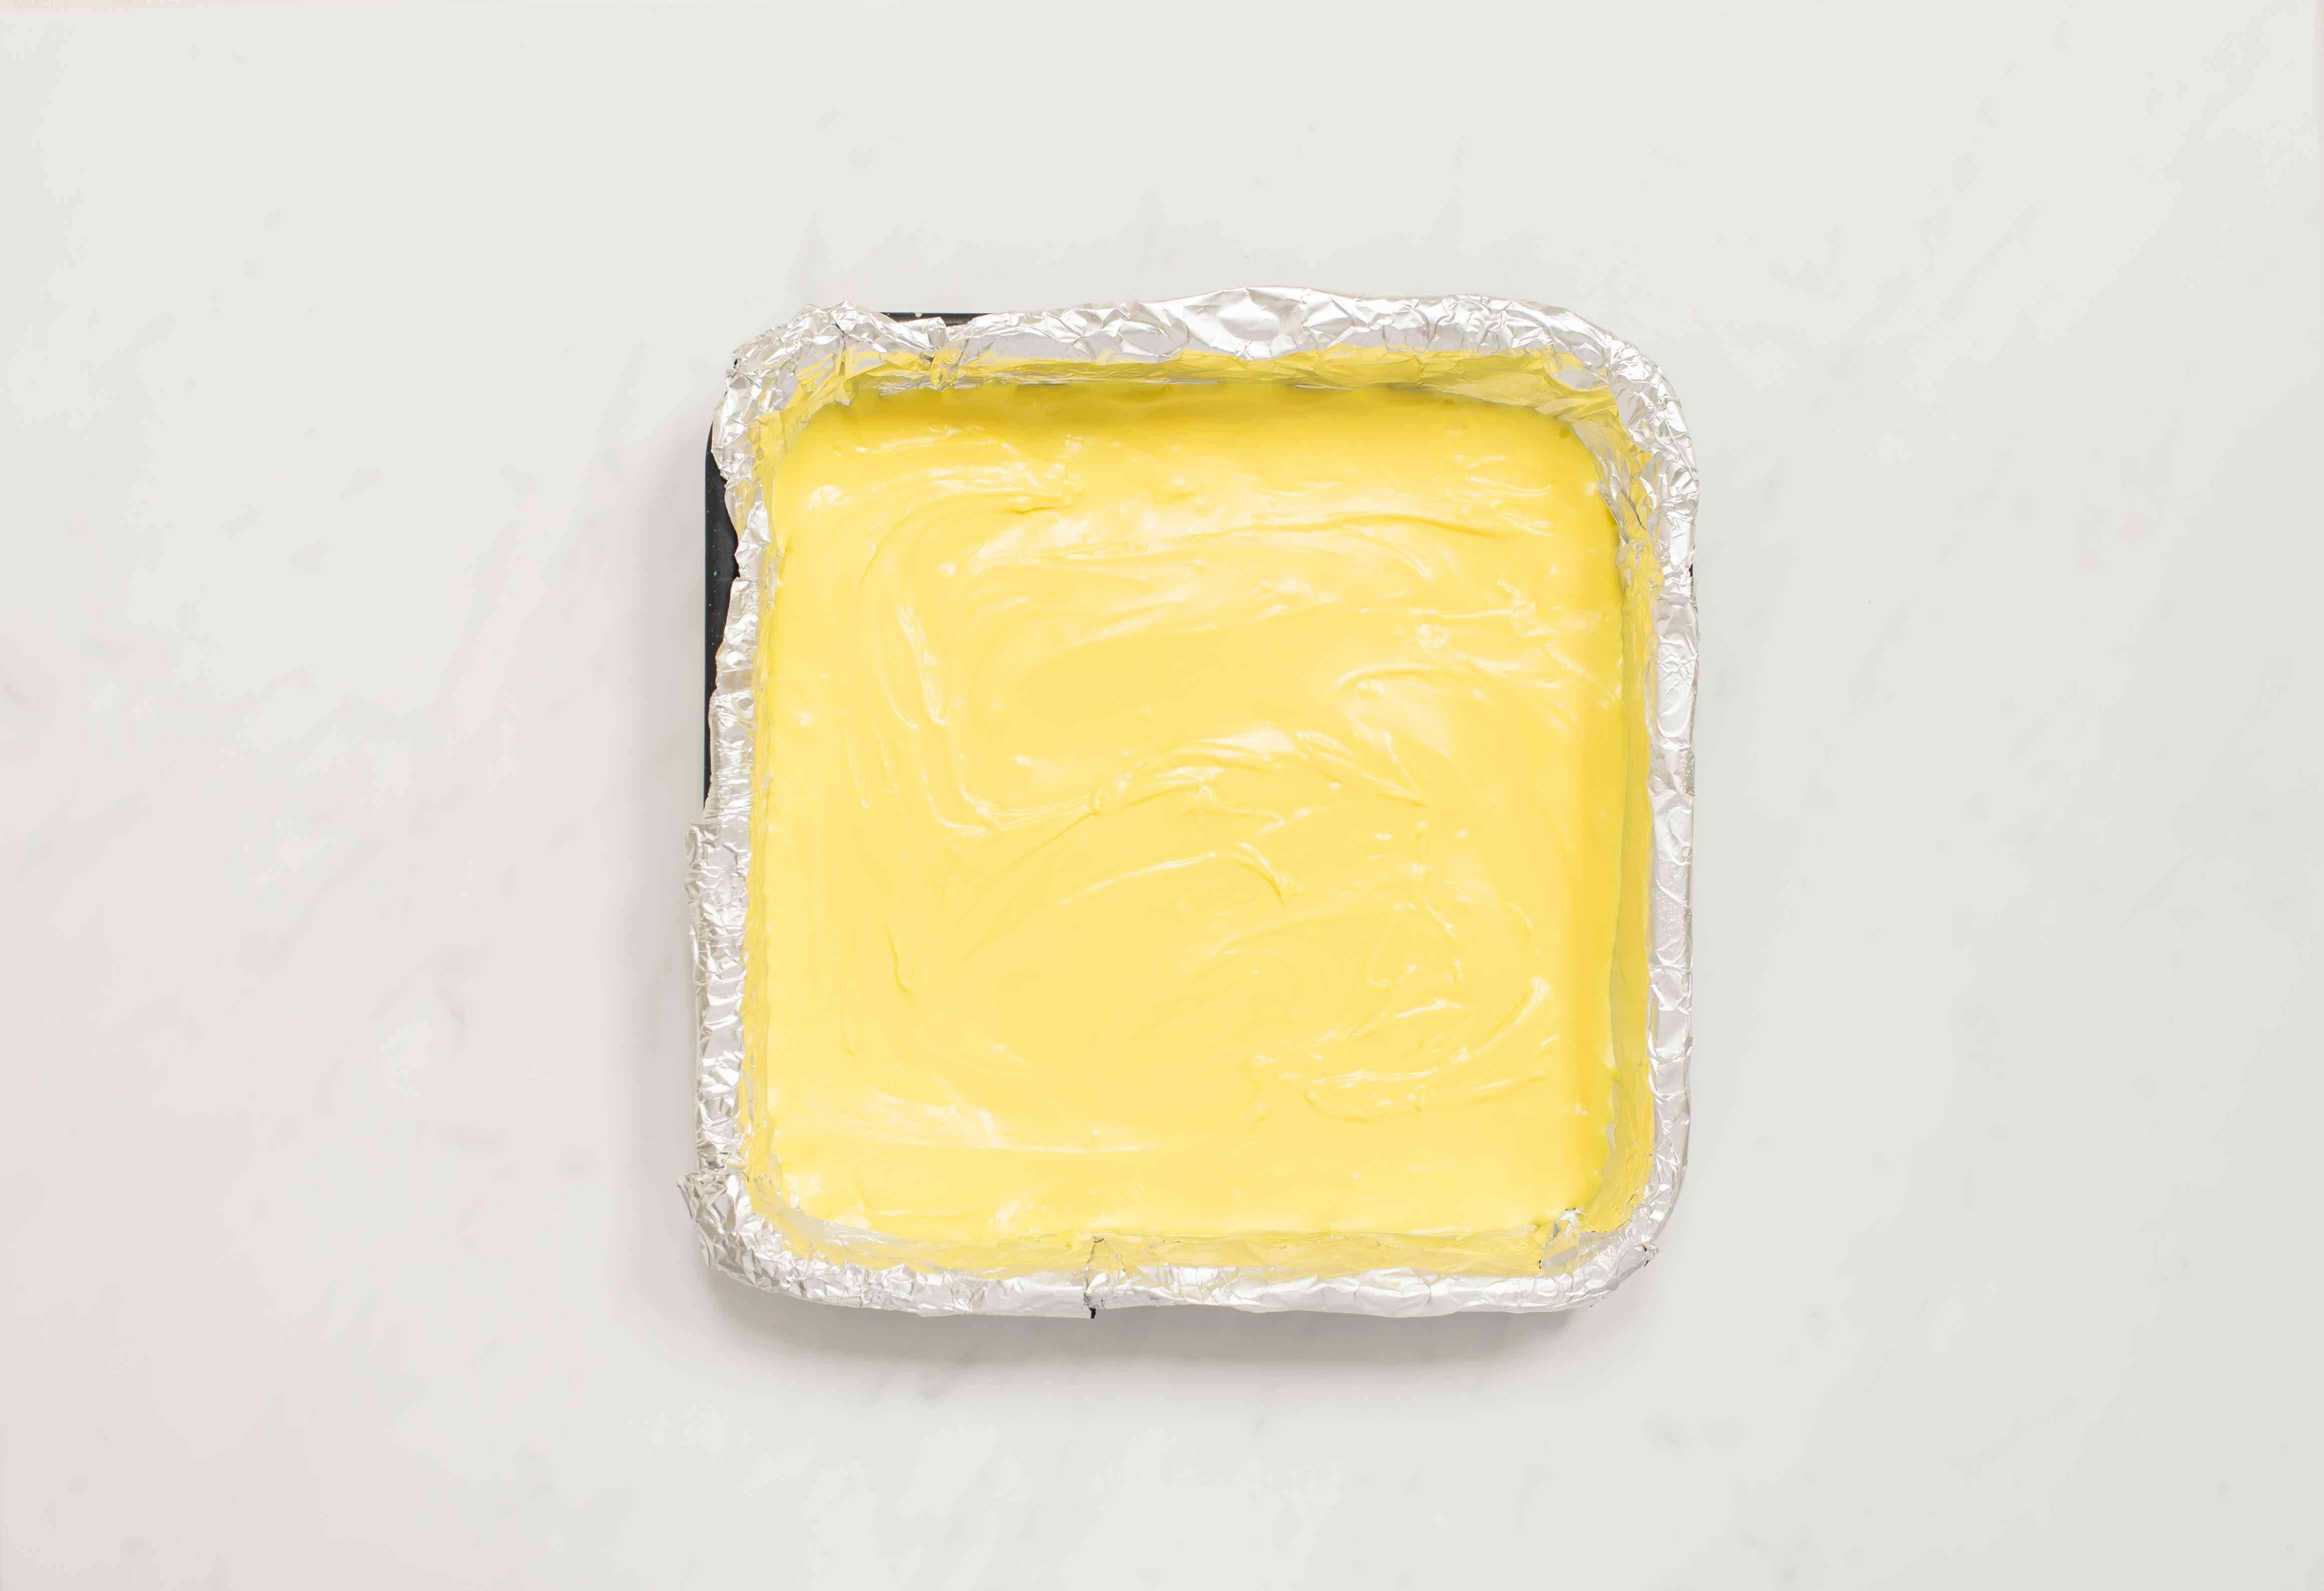 Pour fudge into pan